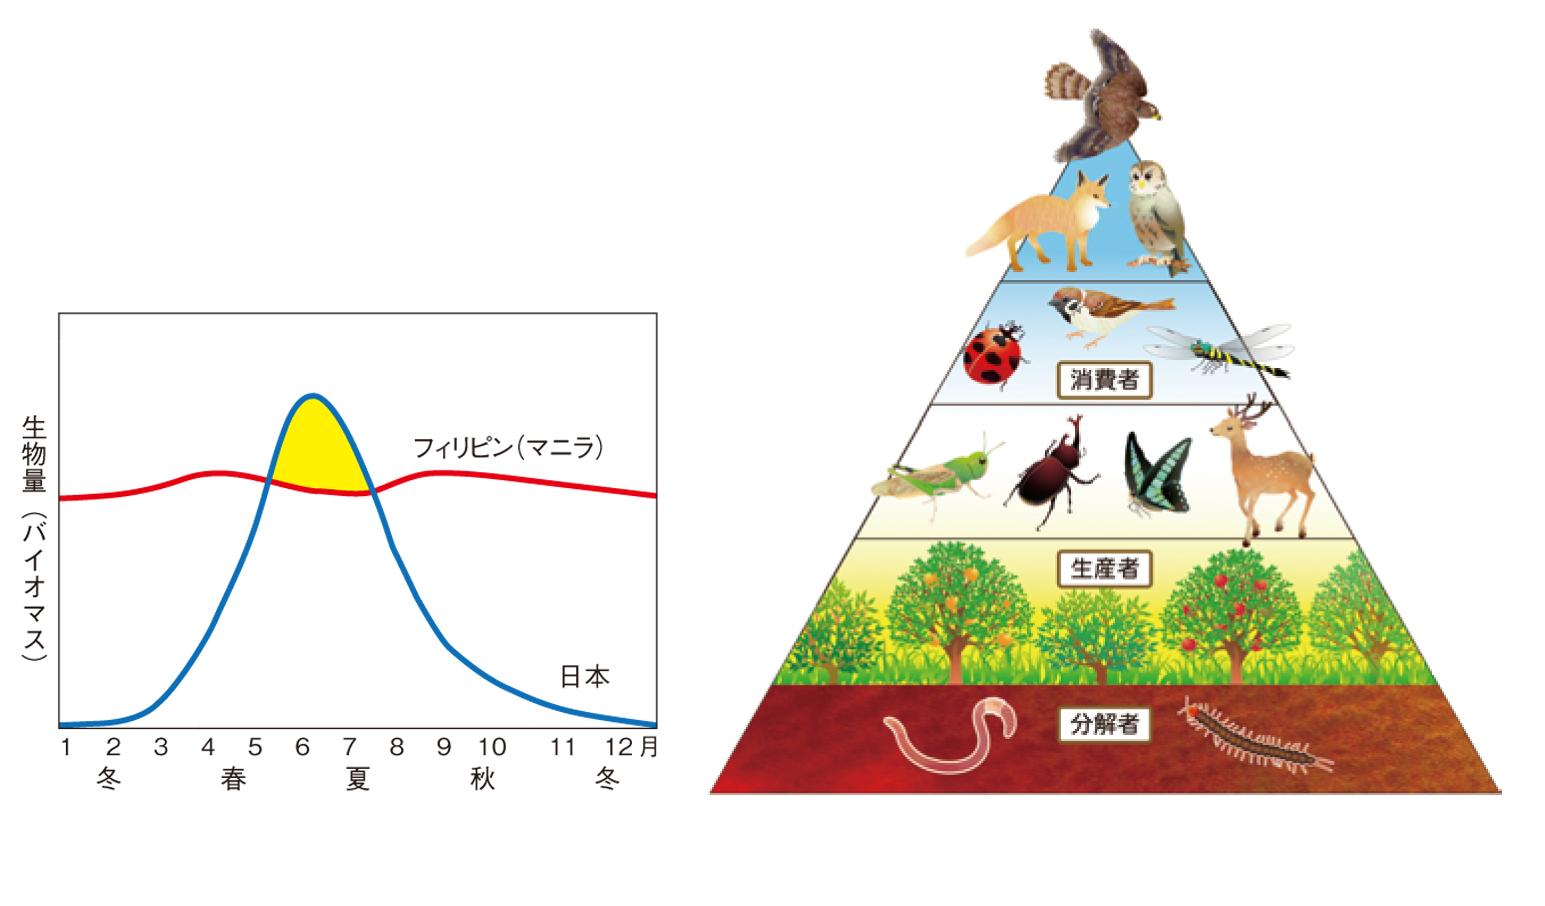 ピラミッド 生態 系